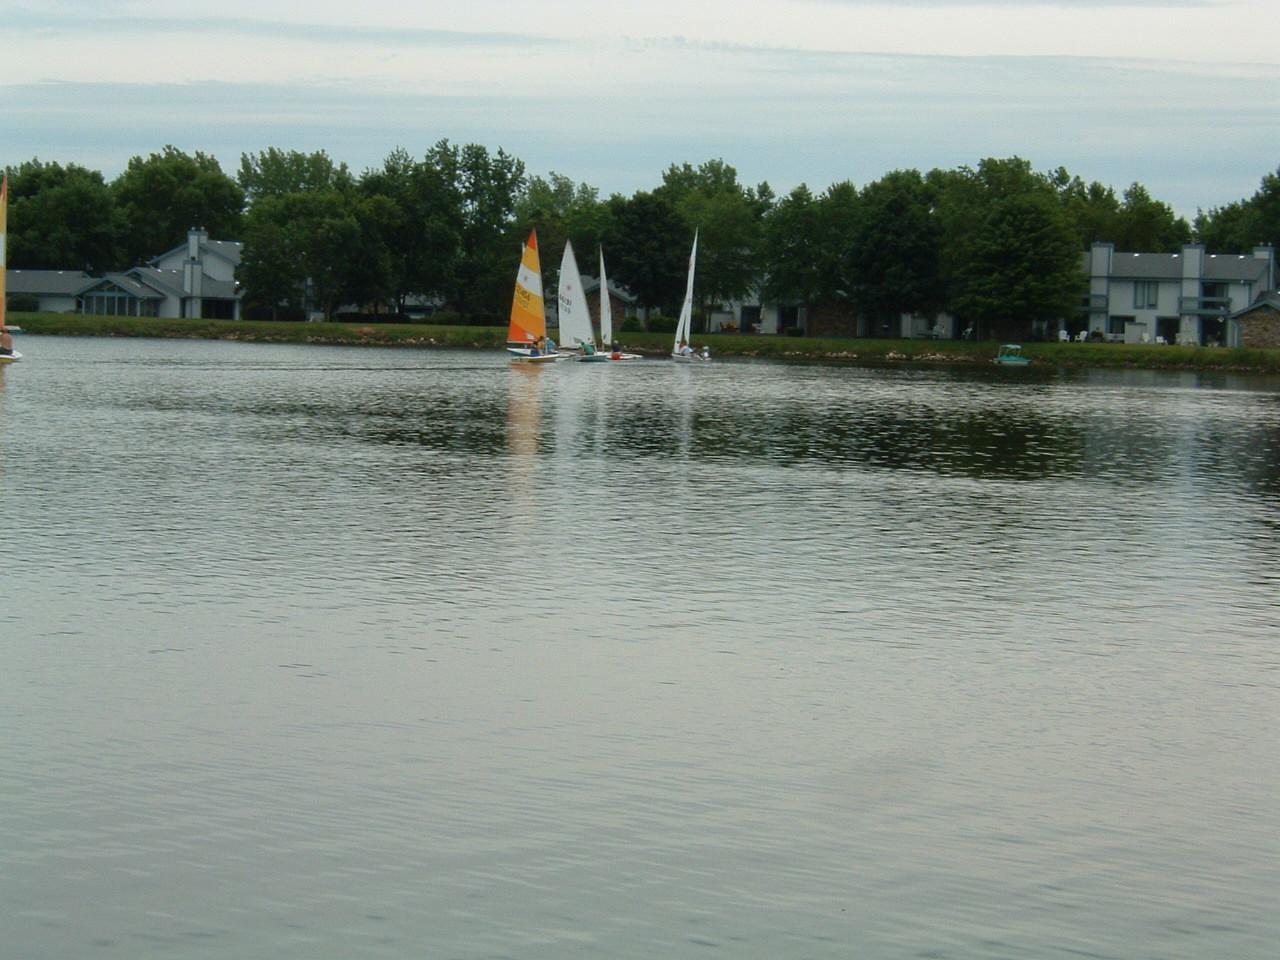 Lake Prestbury